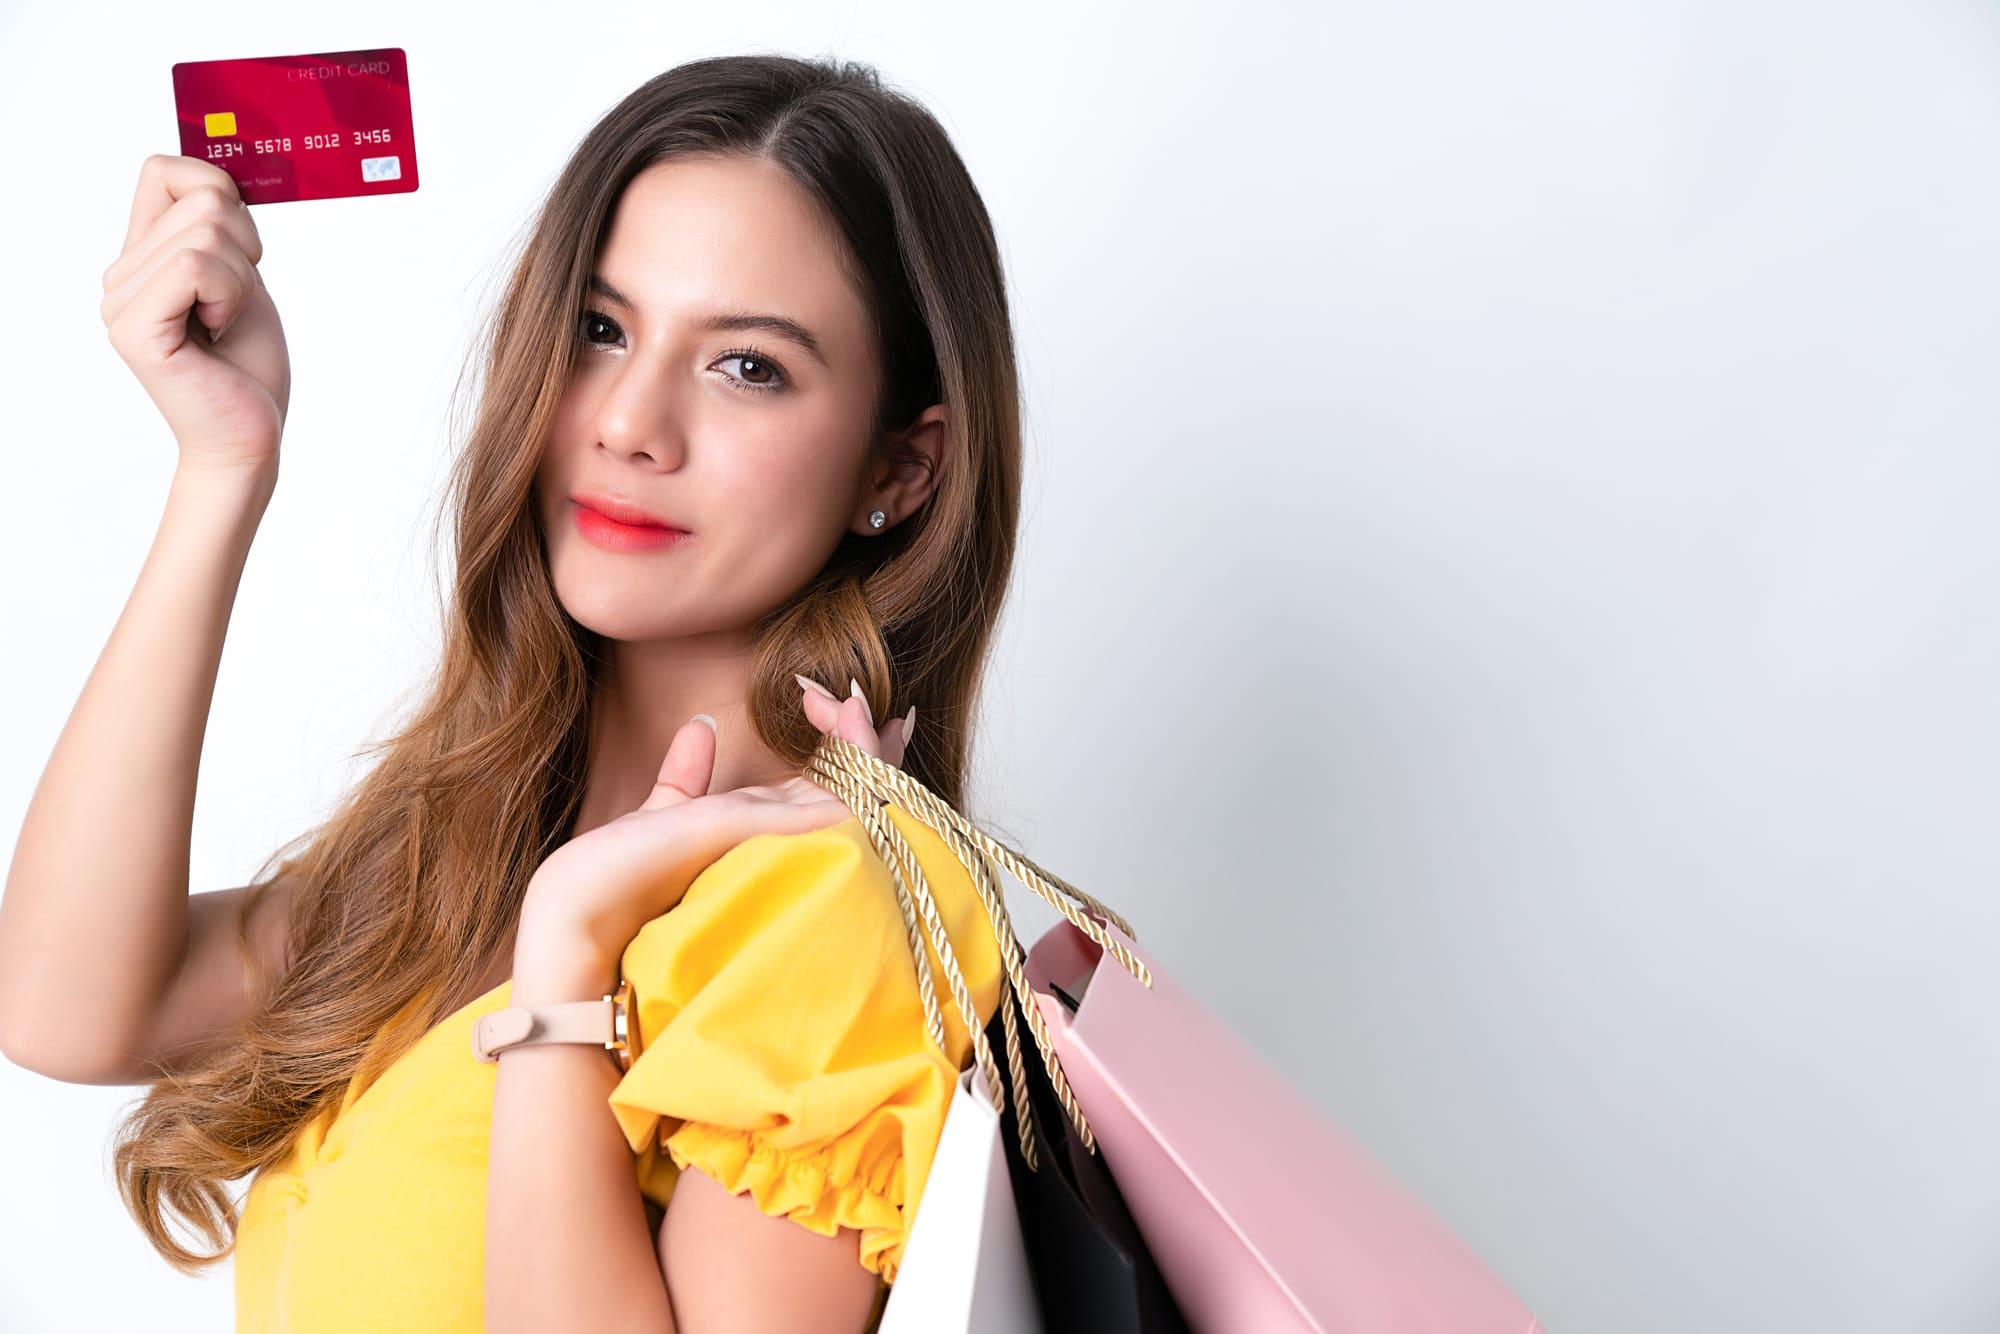 ショッピングバックとクレジットカードを持つ女性